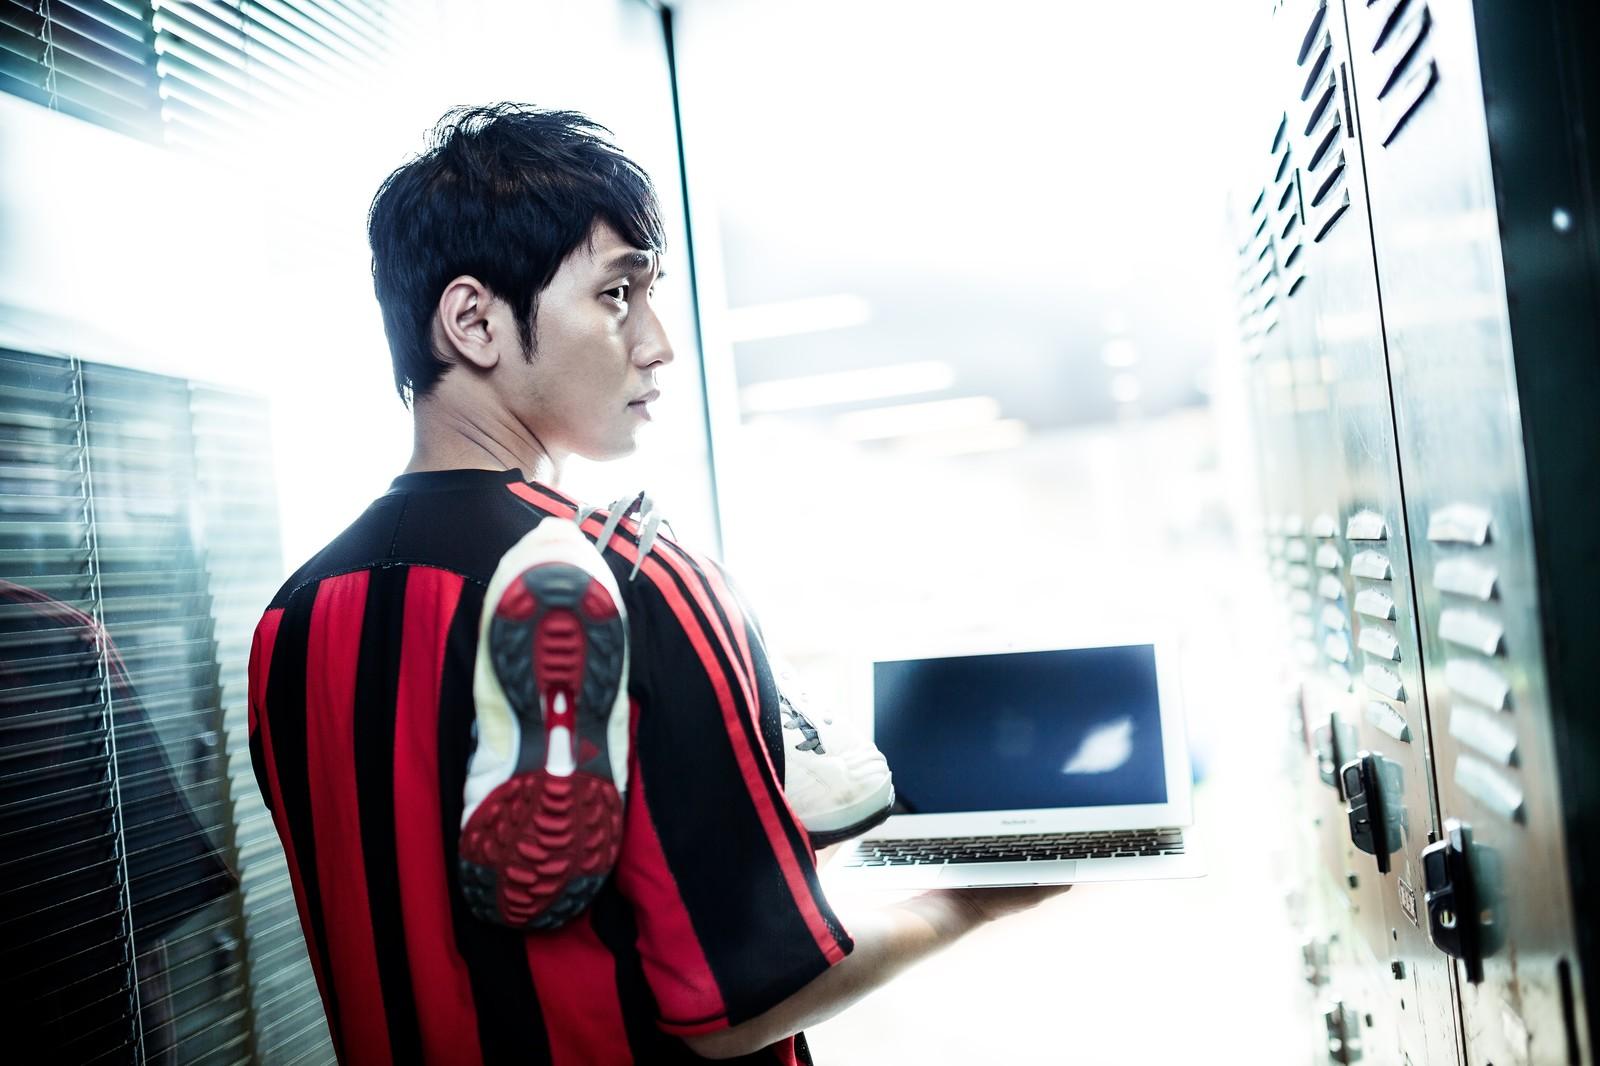 名古屋スポーツの巻き返しに期待_ブログは忘れず更新せねば